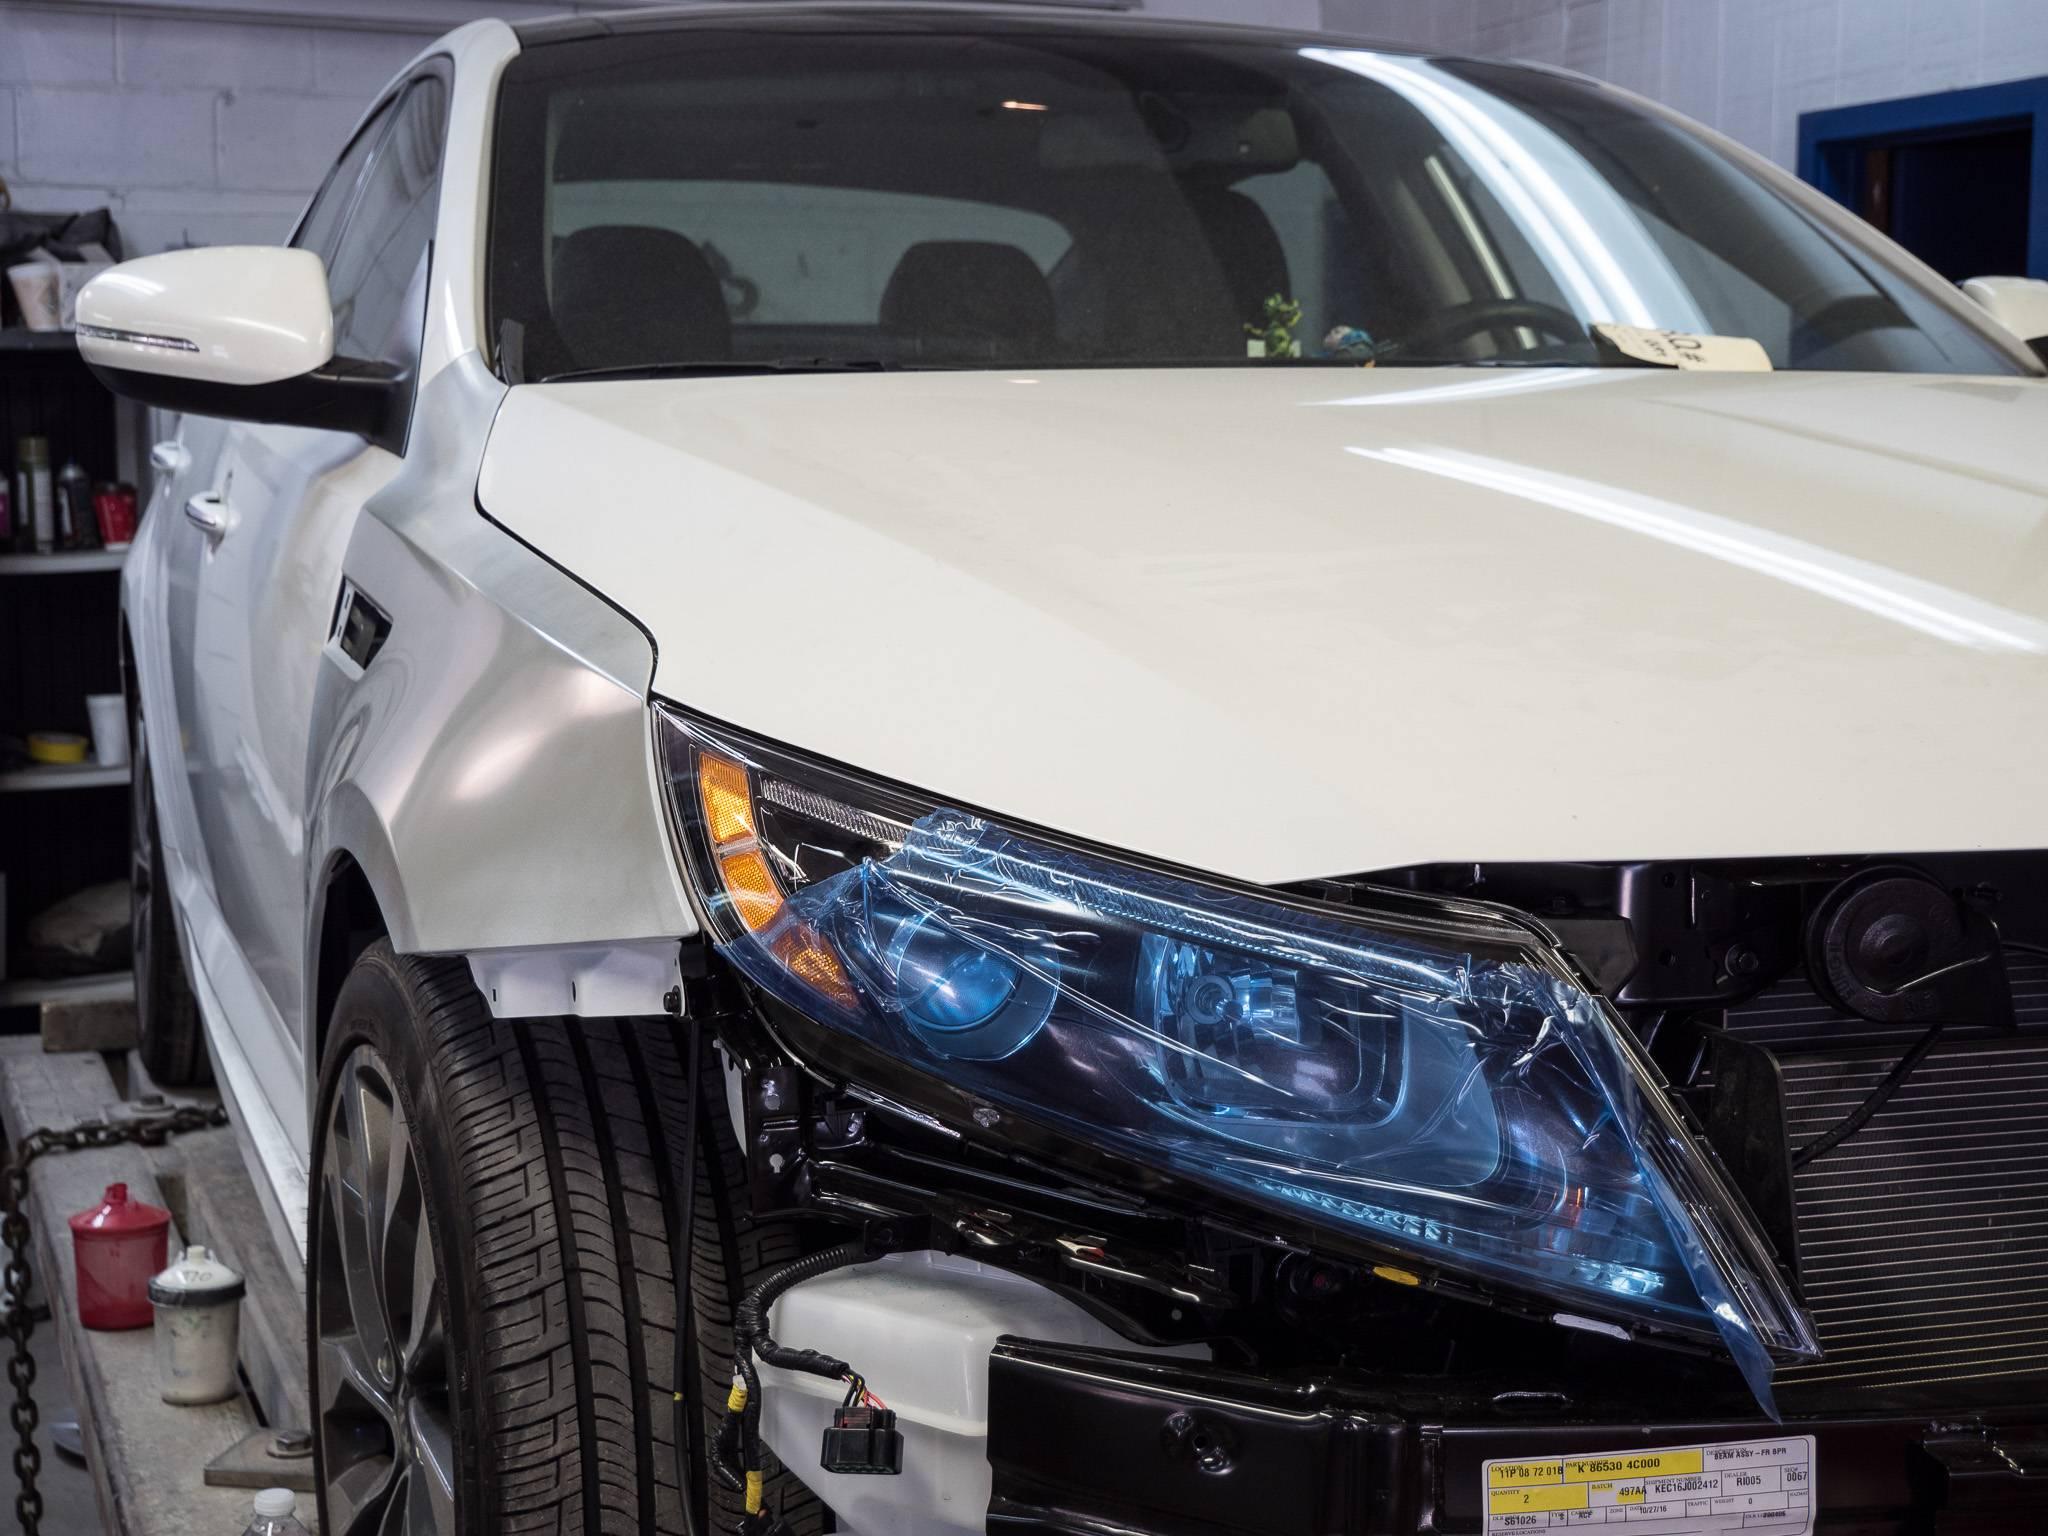 Design car repair workshop - Slide Title